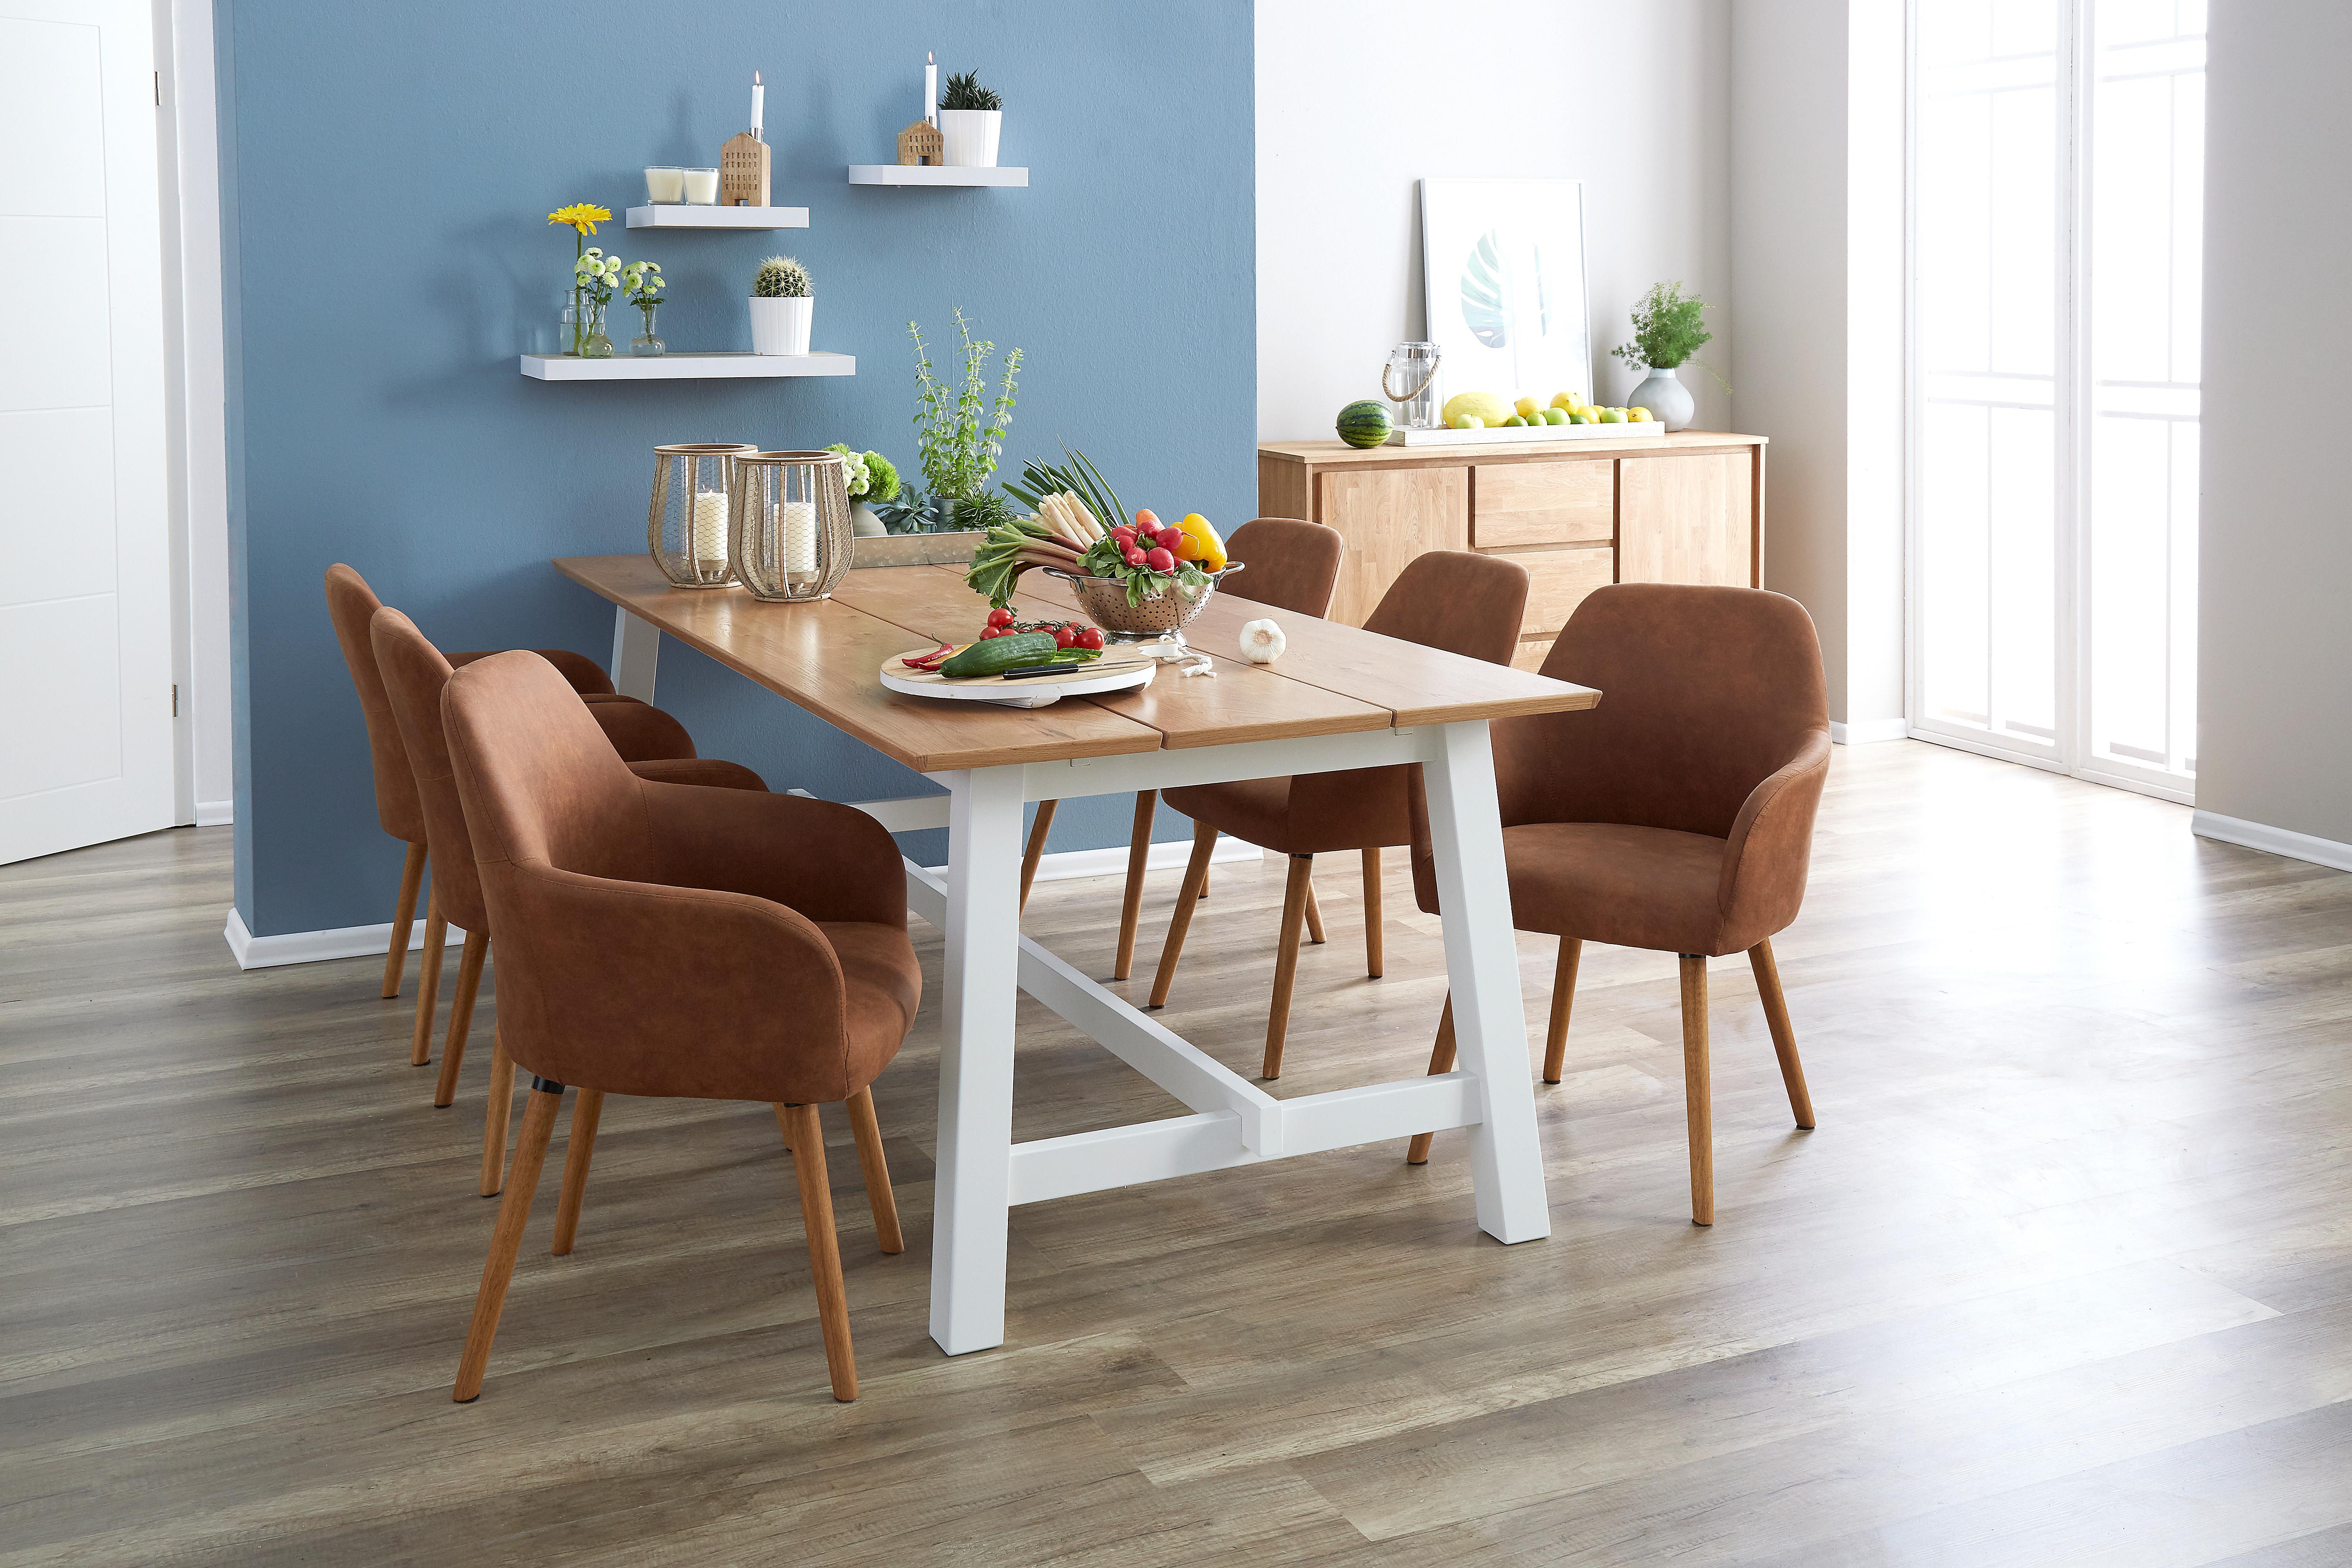 presse info d nisches bettenlager frische ideen f r das. Black Bedroom Furniture Sets. Home Design Ideas